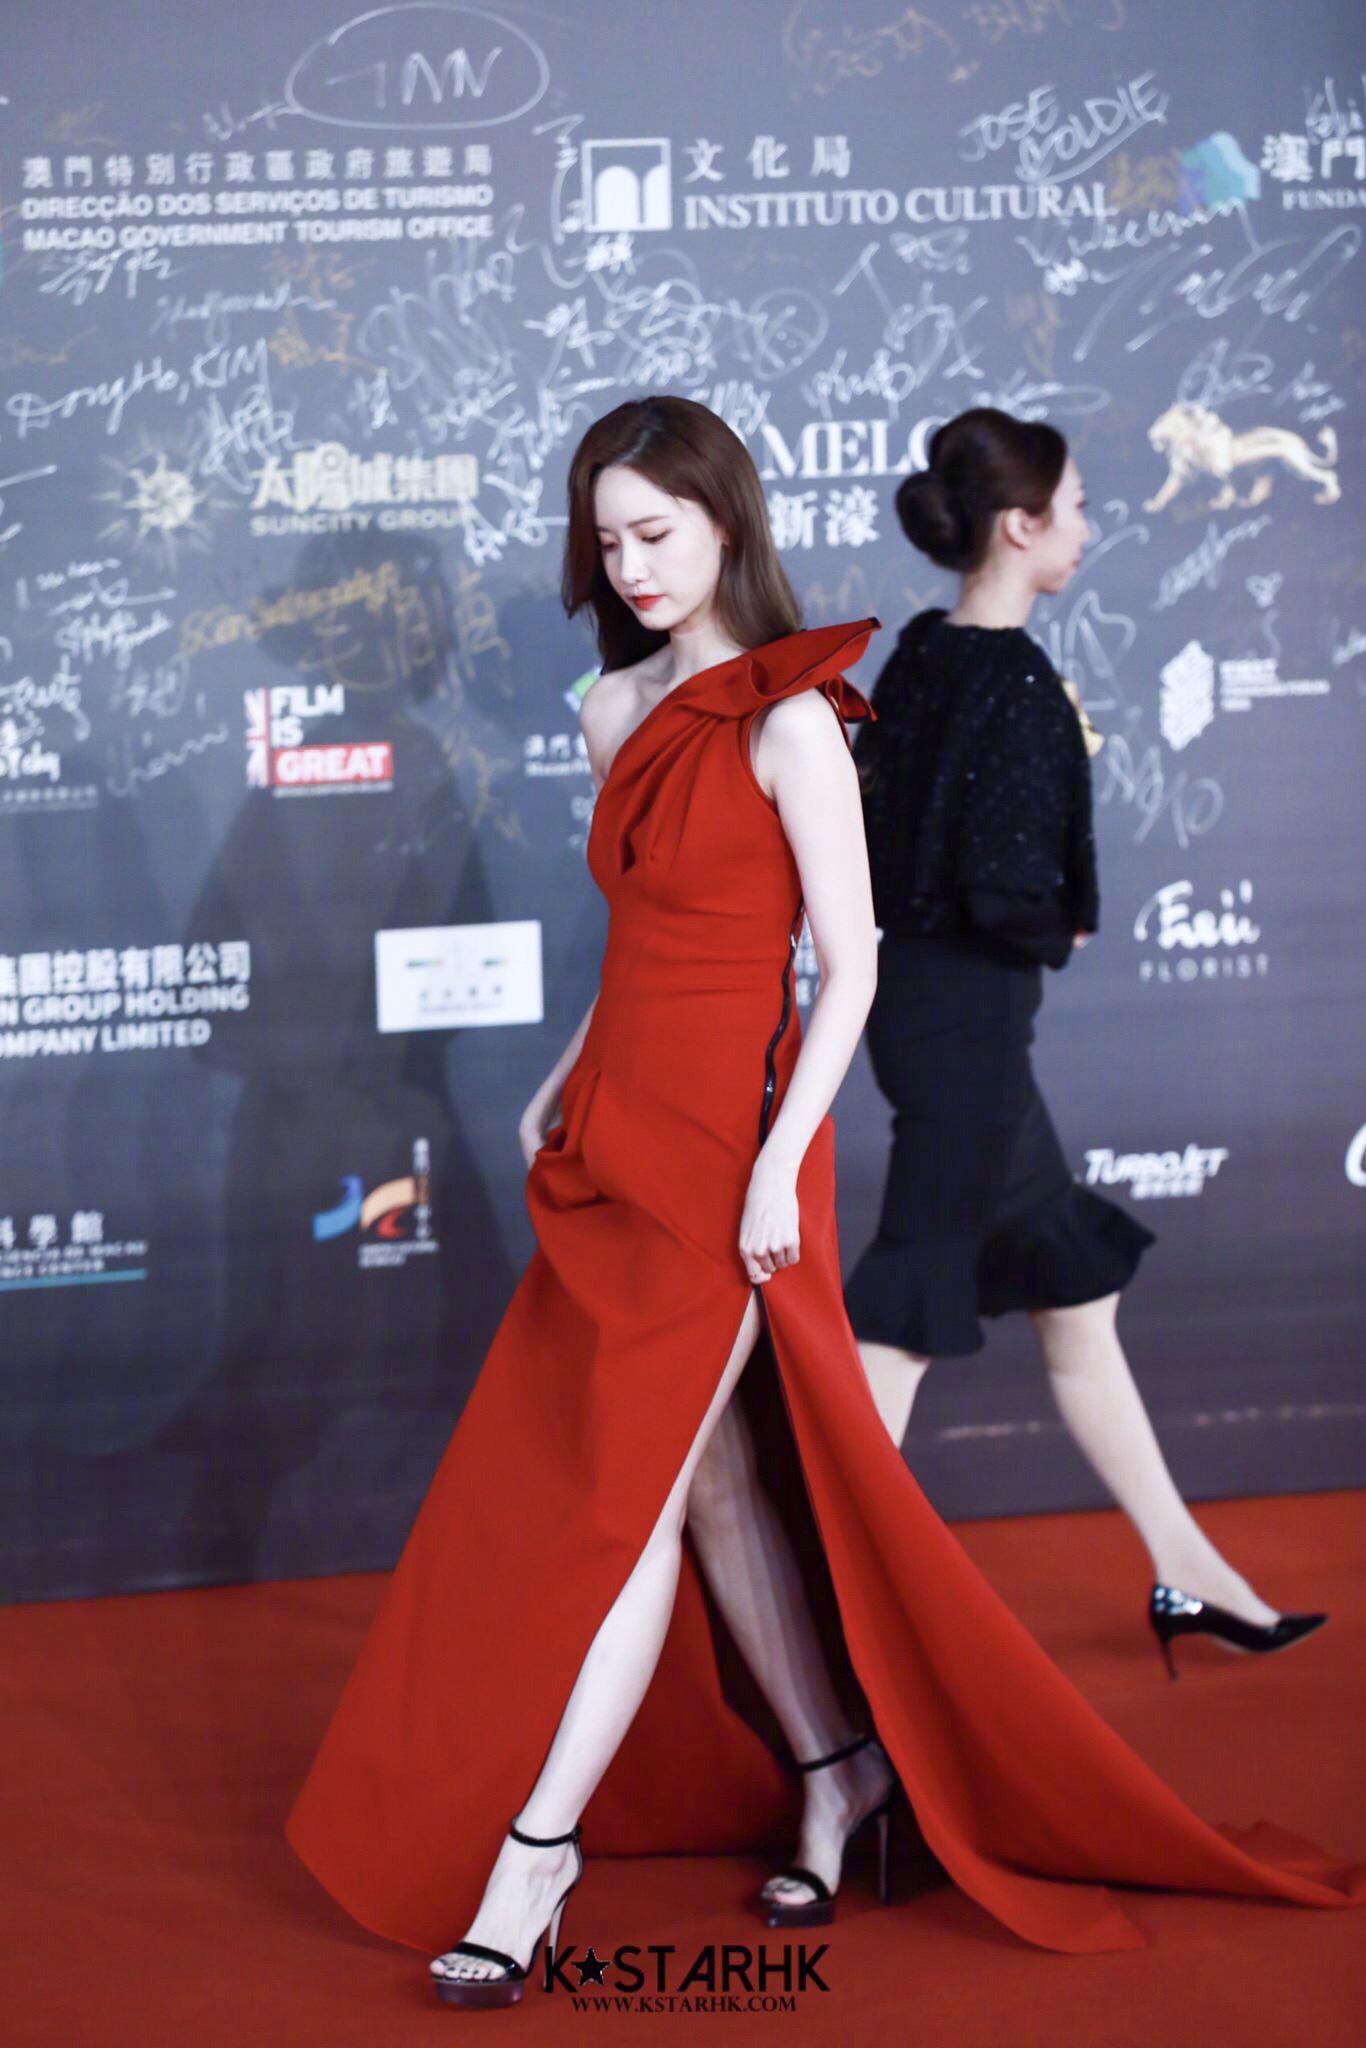 Chưa dừng lại ở đó, mẫu váy của TONI MATICEVSKI còn có thêm chi tiết xẻ vạt giúp cô phô diễn đôi chân thon dài, gợi cảm.